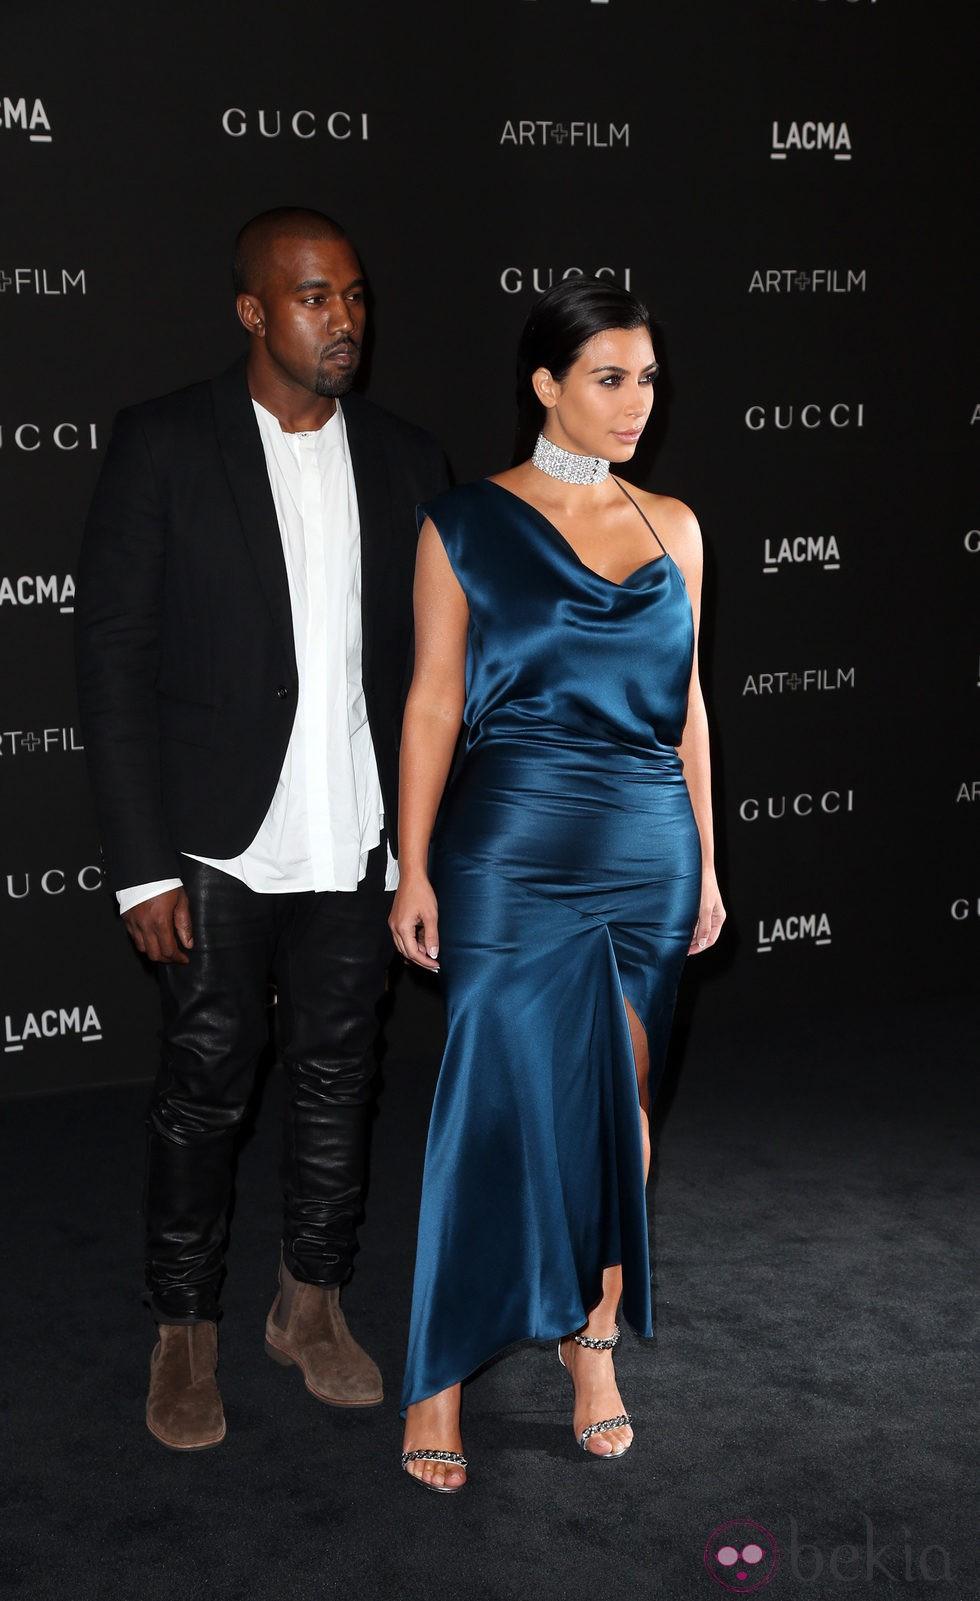 Kanye West y Kim Kardashian en la gala LACMA Art + FIlm 2014